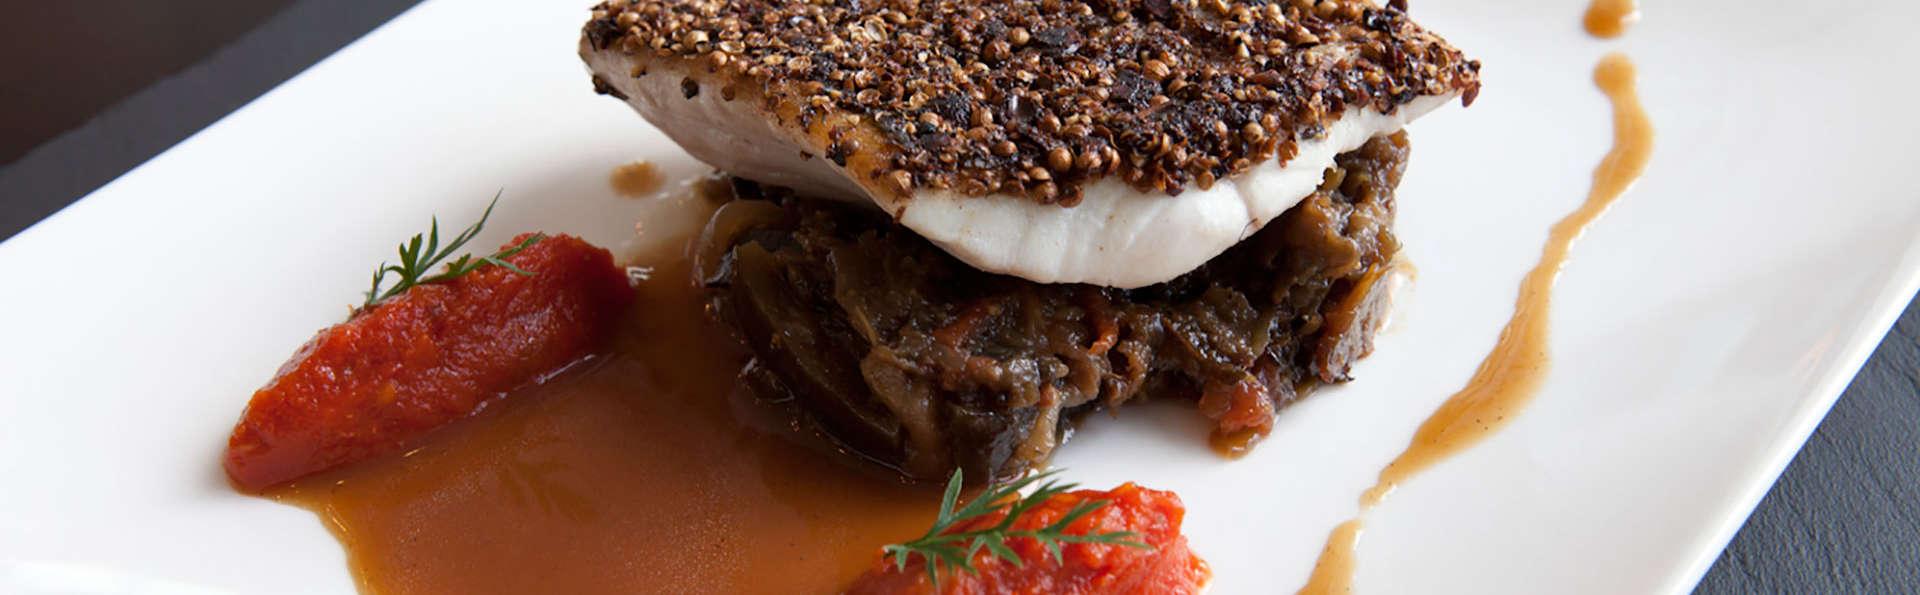 Cuisine bistronomique dans la capitale bretonne